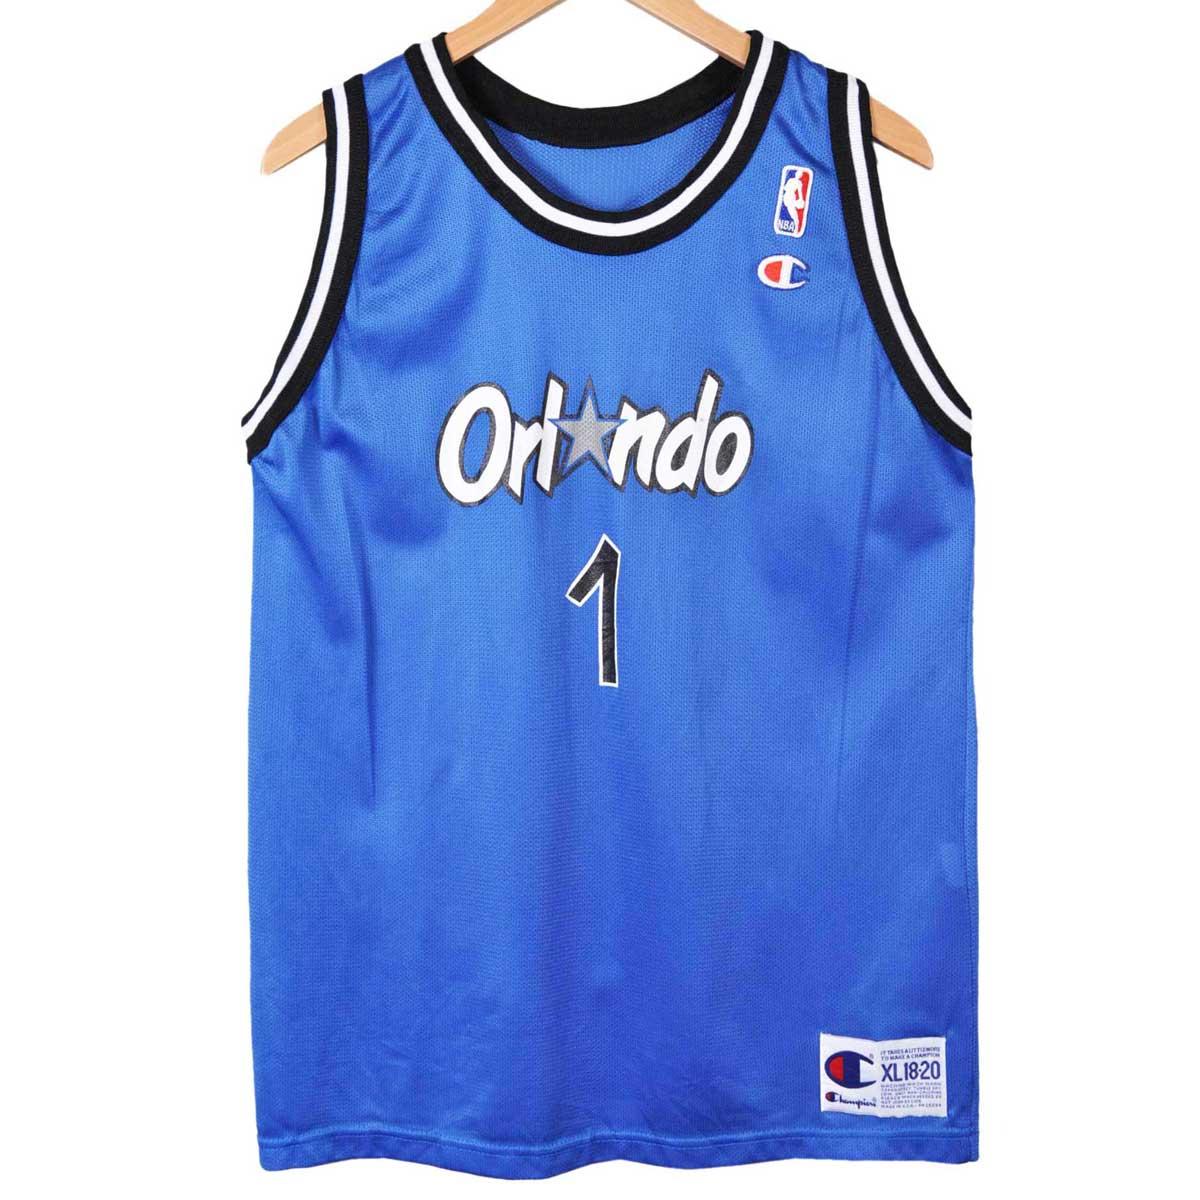 ヴィンテージ 1990年代 USA製 / CHAMPION チャンピオン / NBA ORLANDO MAGIC オーランド マジック / アンファニー・ハーダウェイ / バスケ タンクトップ ユニフォーム / ブルー / メンズS相当【中古】▽